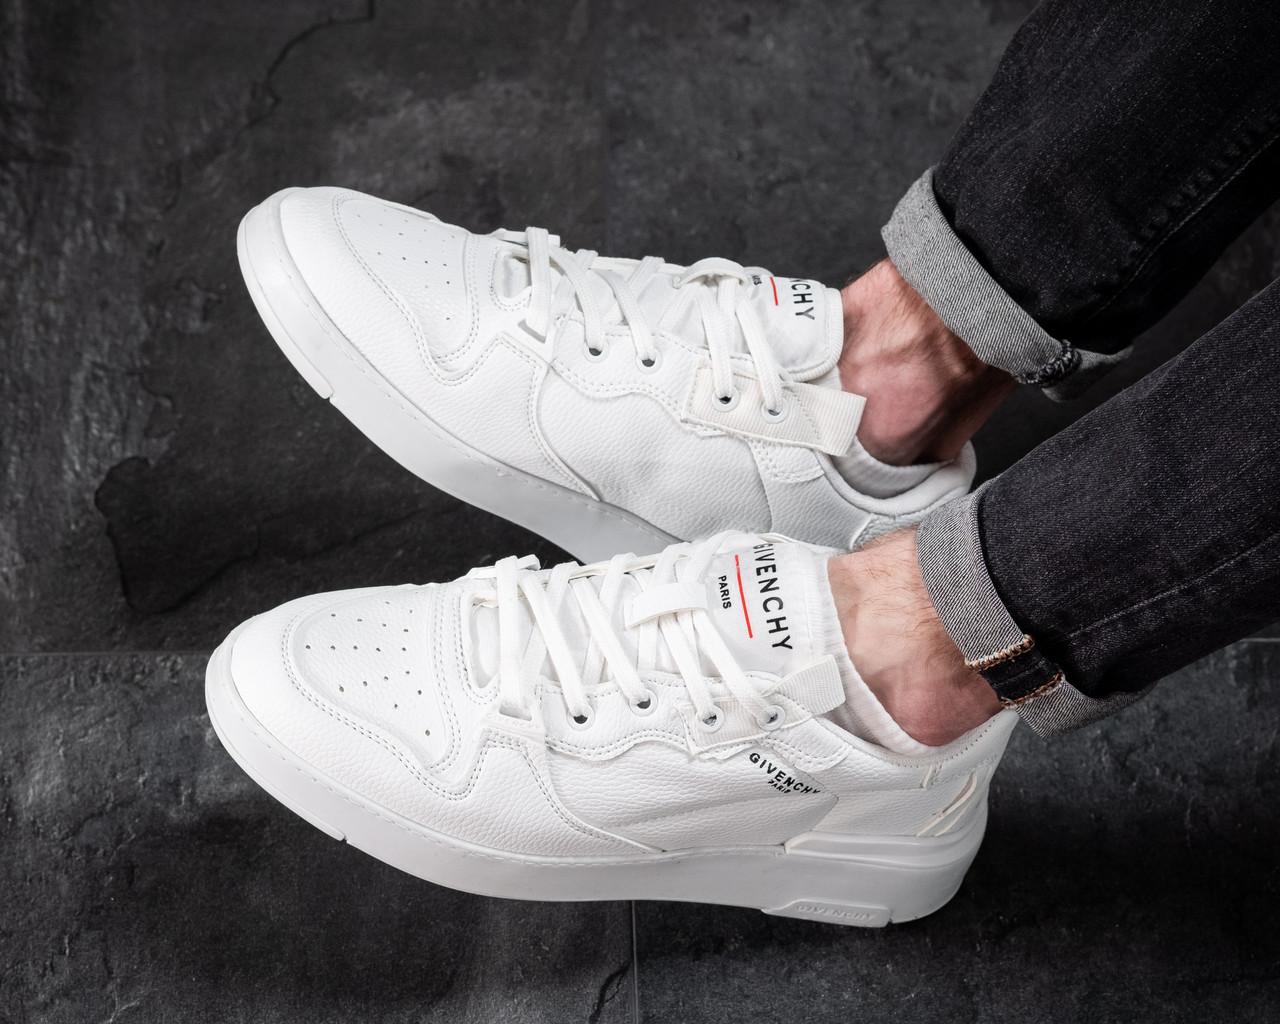 Мужские кроссовки Белые Кожаные, Реплика